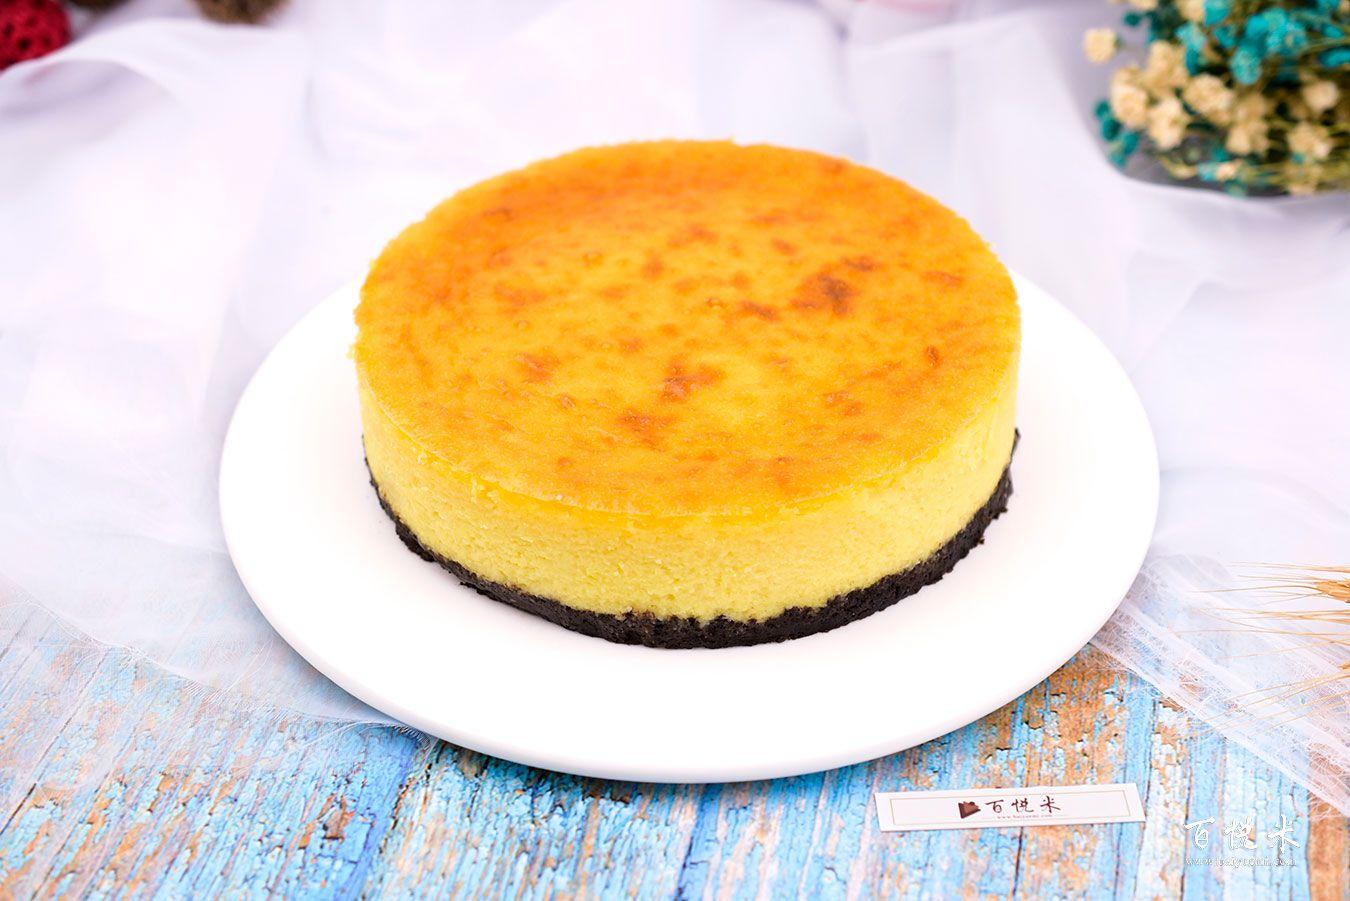 榴莲奶酪蛋糕高清图片大全【蛋糕图片】_825